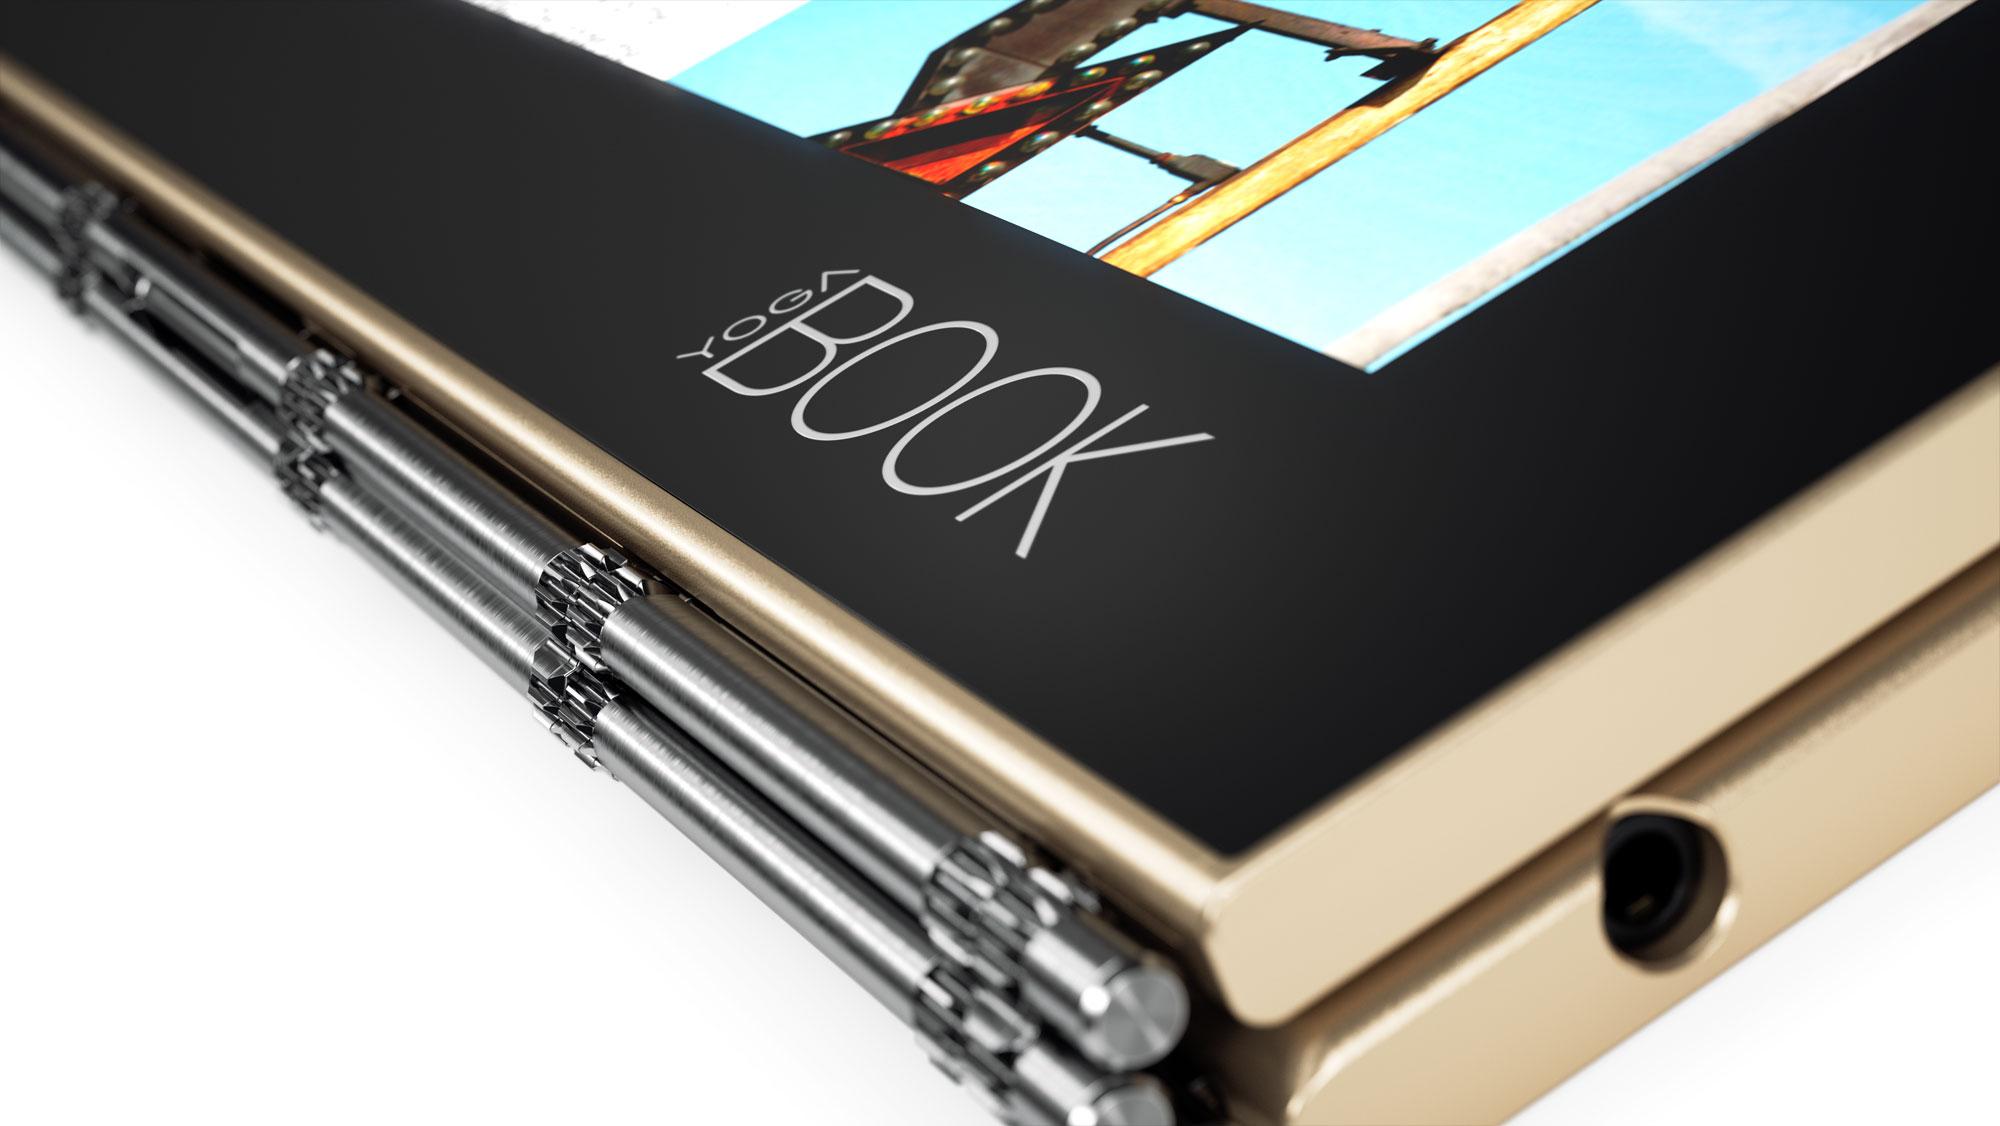 02 Yoga Book Logo Close up - Lenovo ra mắt Yoga Book với bút Stylus đa năng có thể viết trên giấy và màn hình